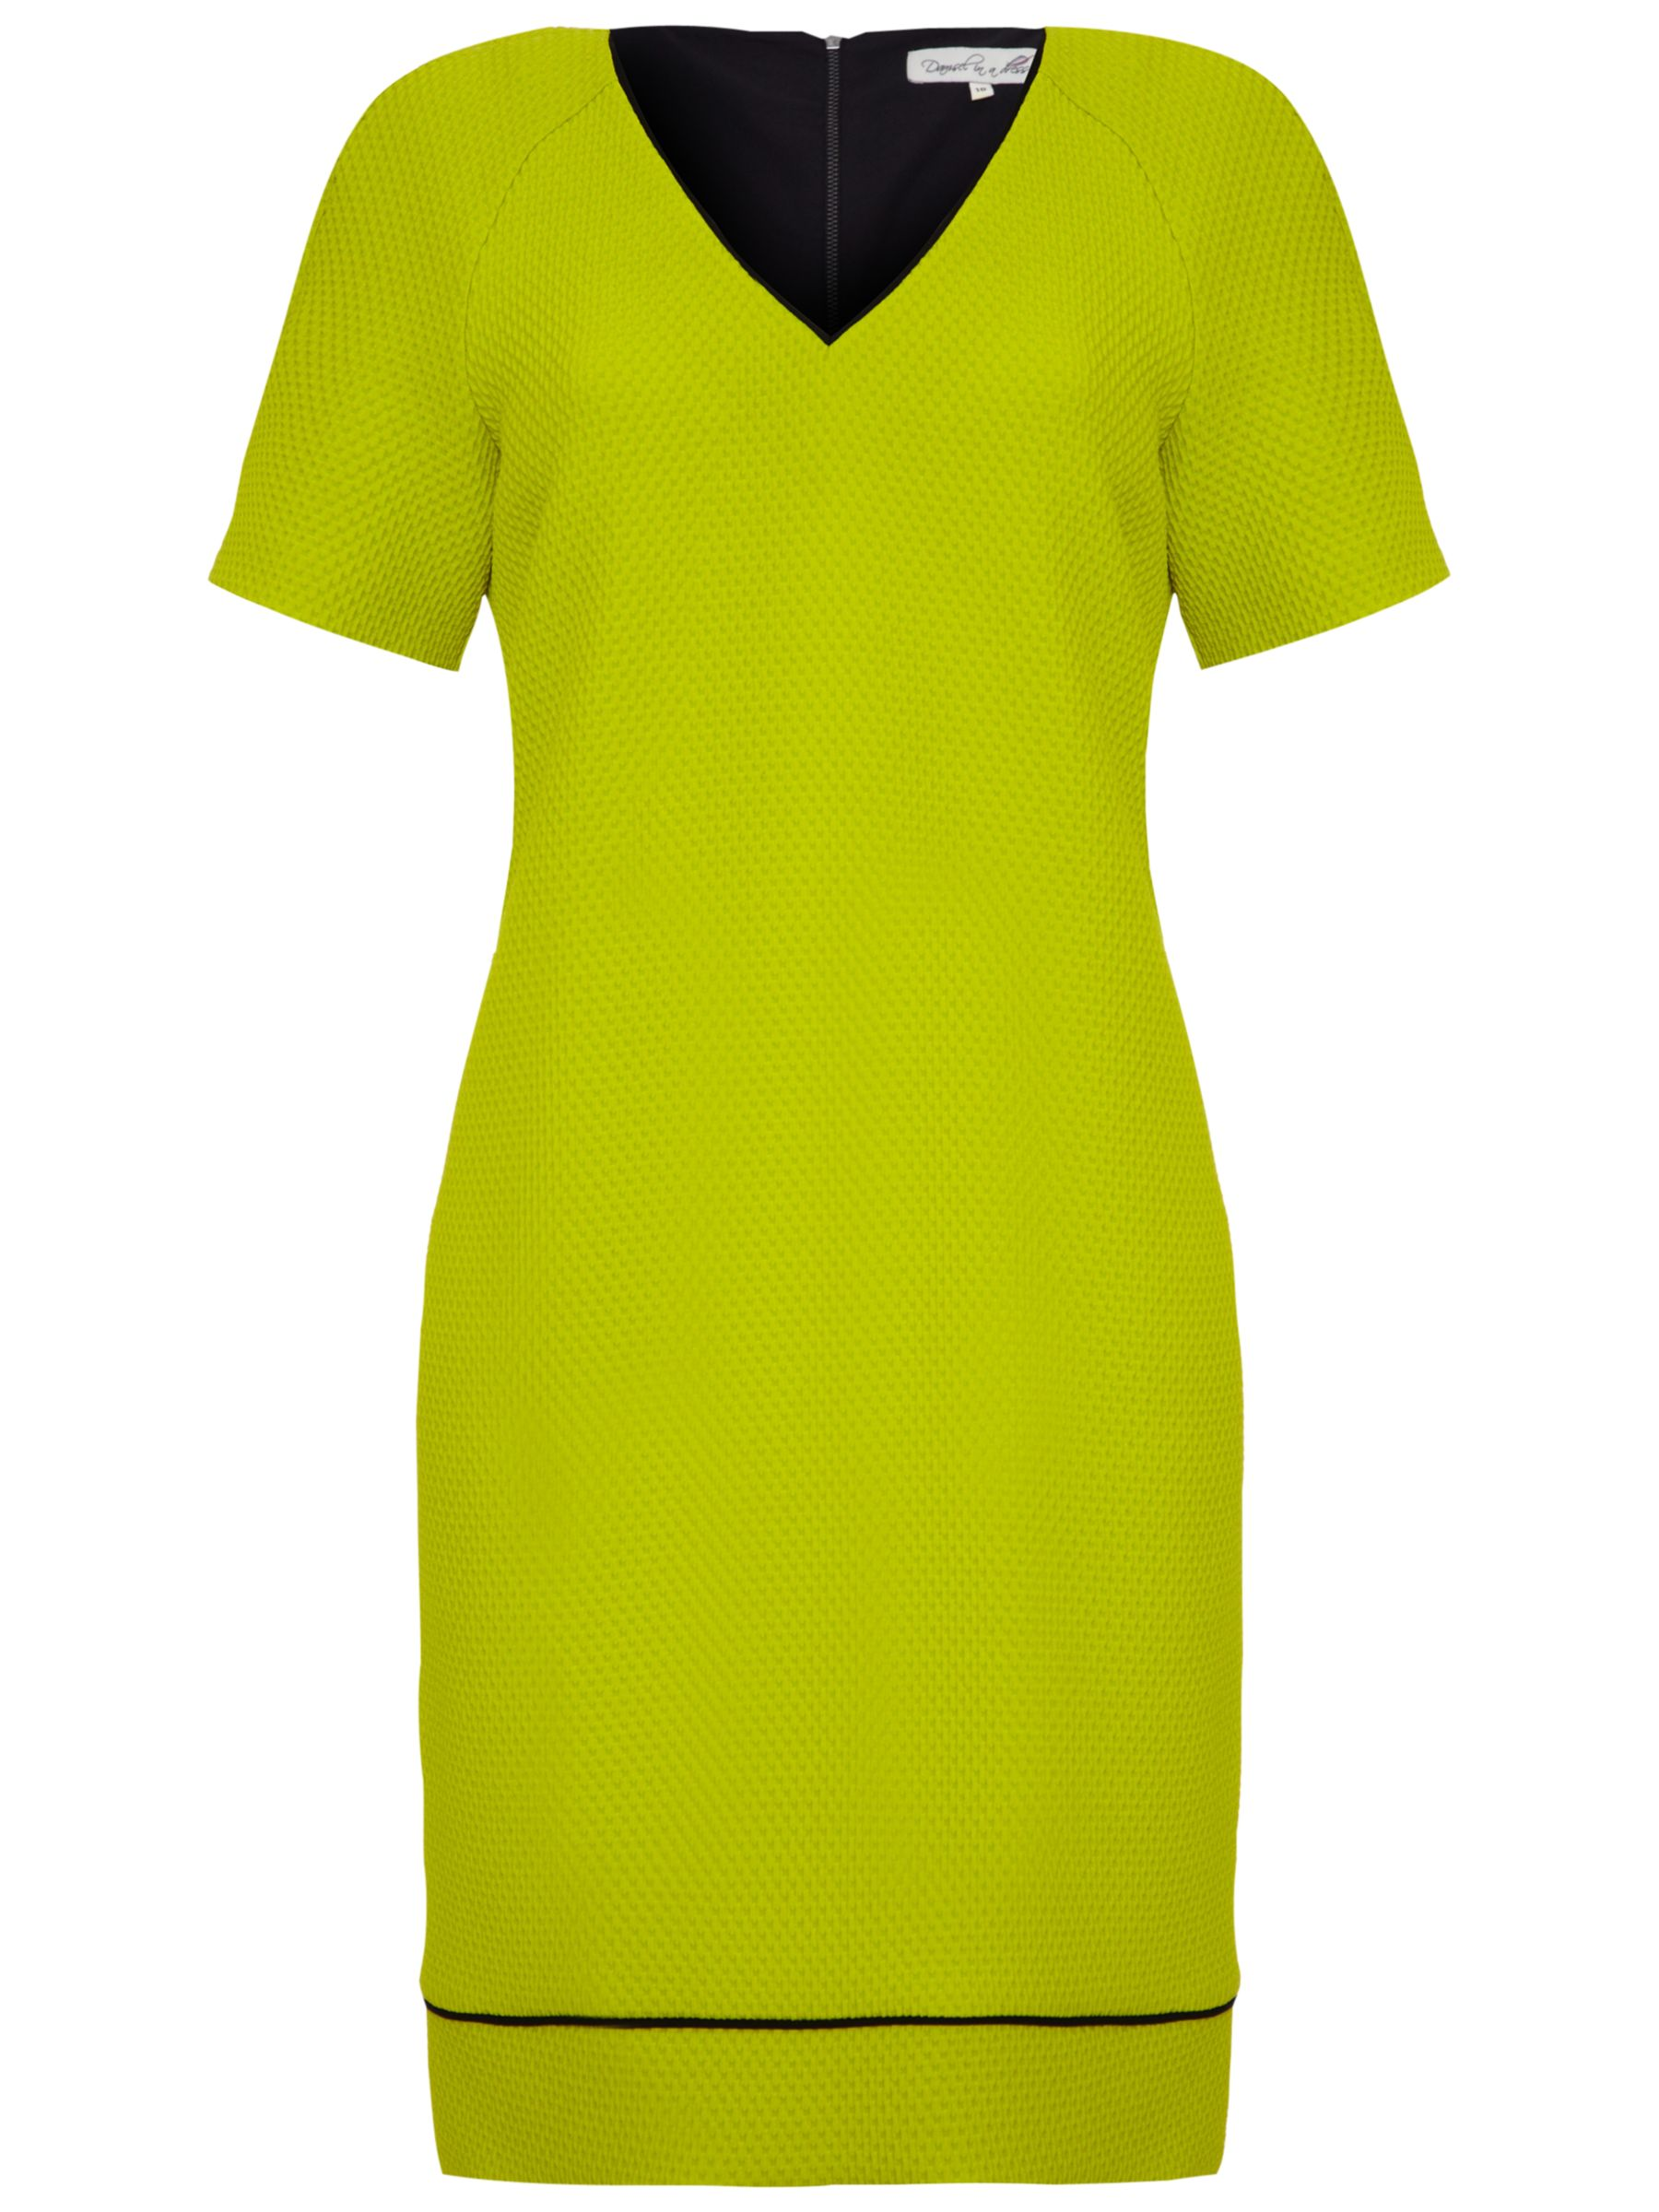 damsel in a dress sandringham dress chartreuse, damsel, dress, sandringham, chartreuse, damsel in a dress, 10 16 14 18 12, clearance, womenswear offers, womens dresses offers, women, womens dresses, special offers, 1525154